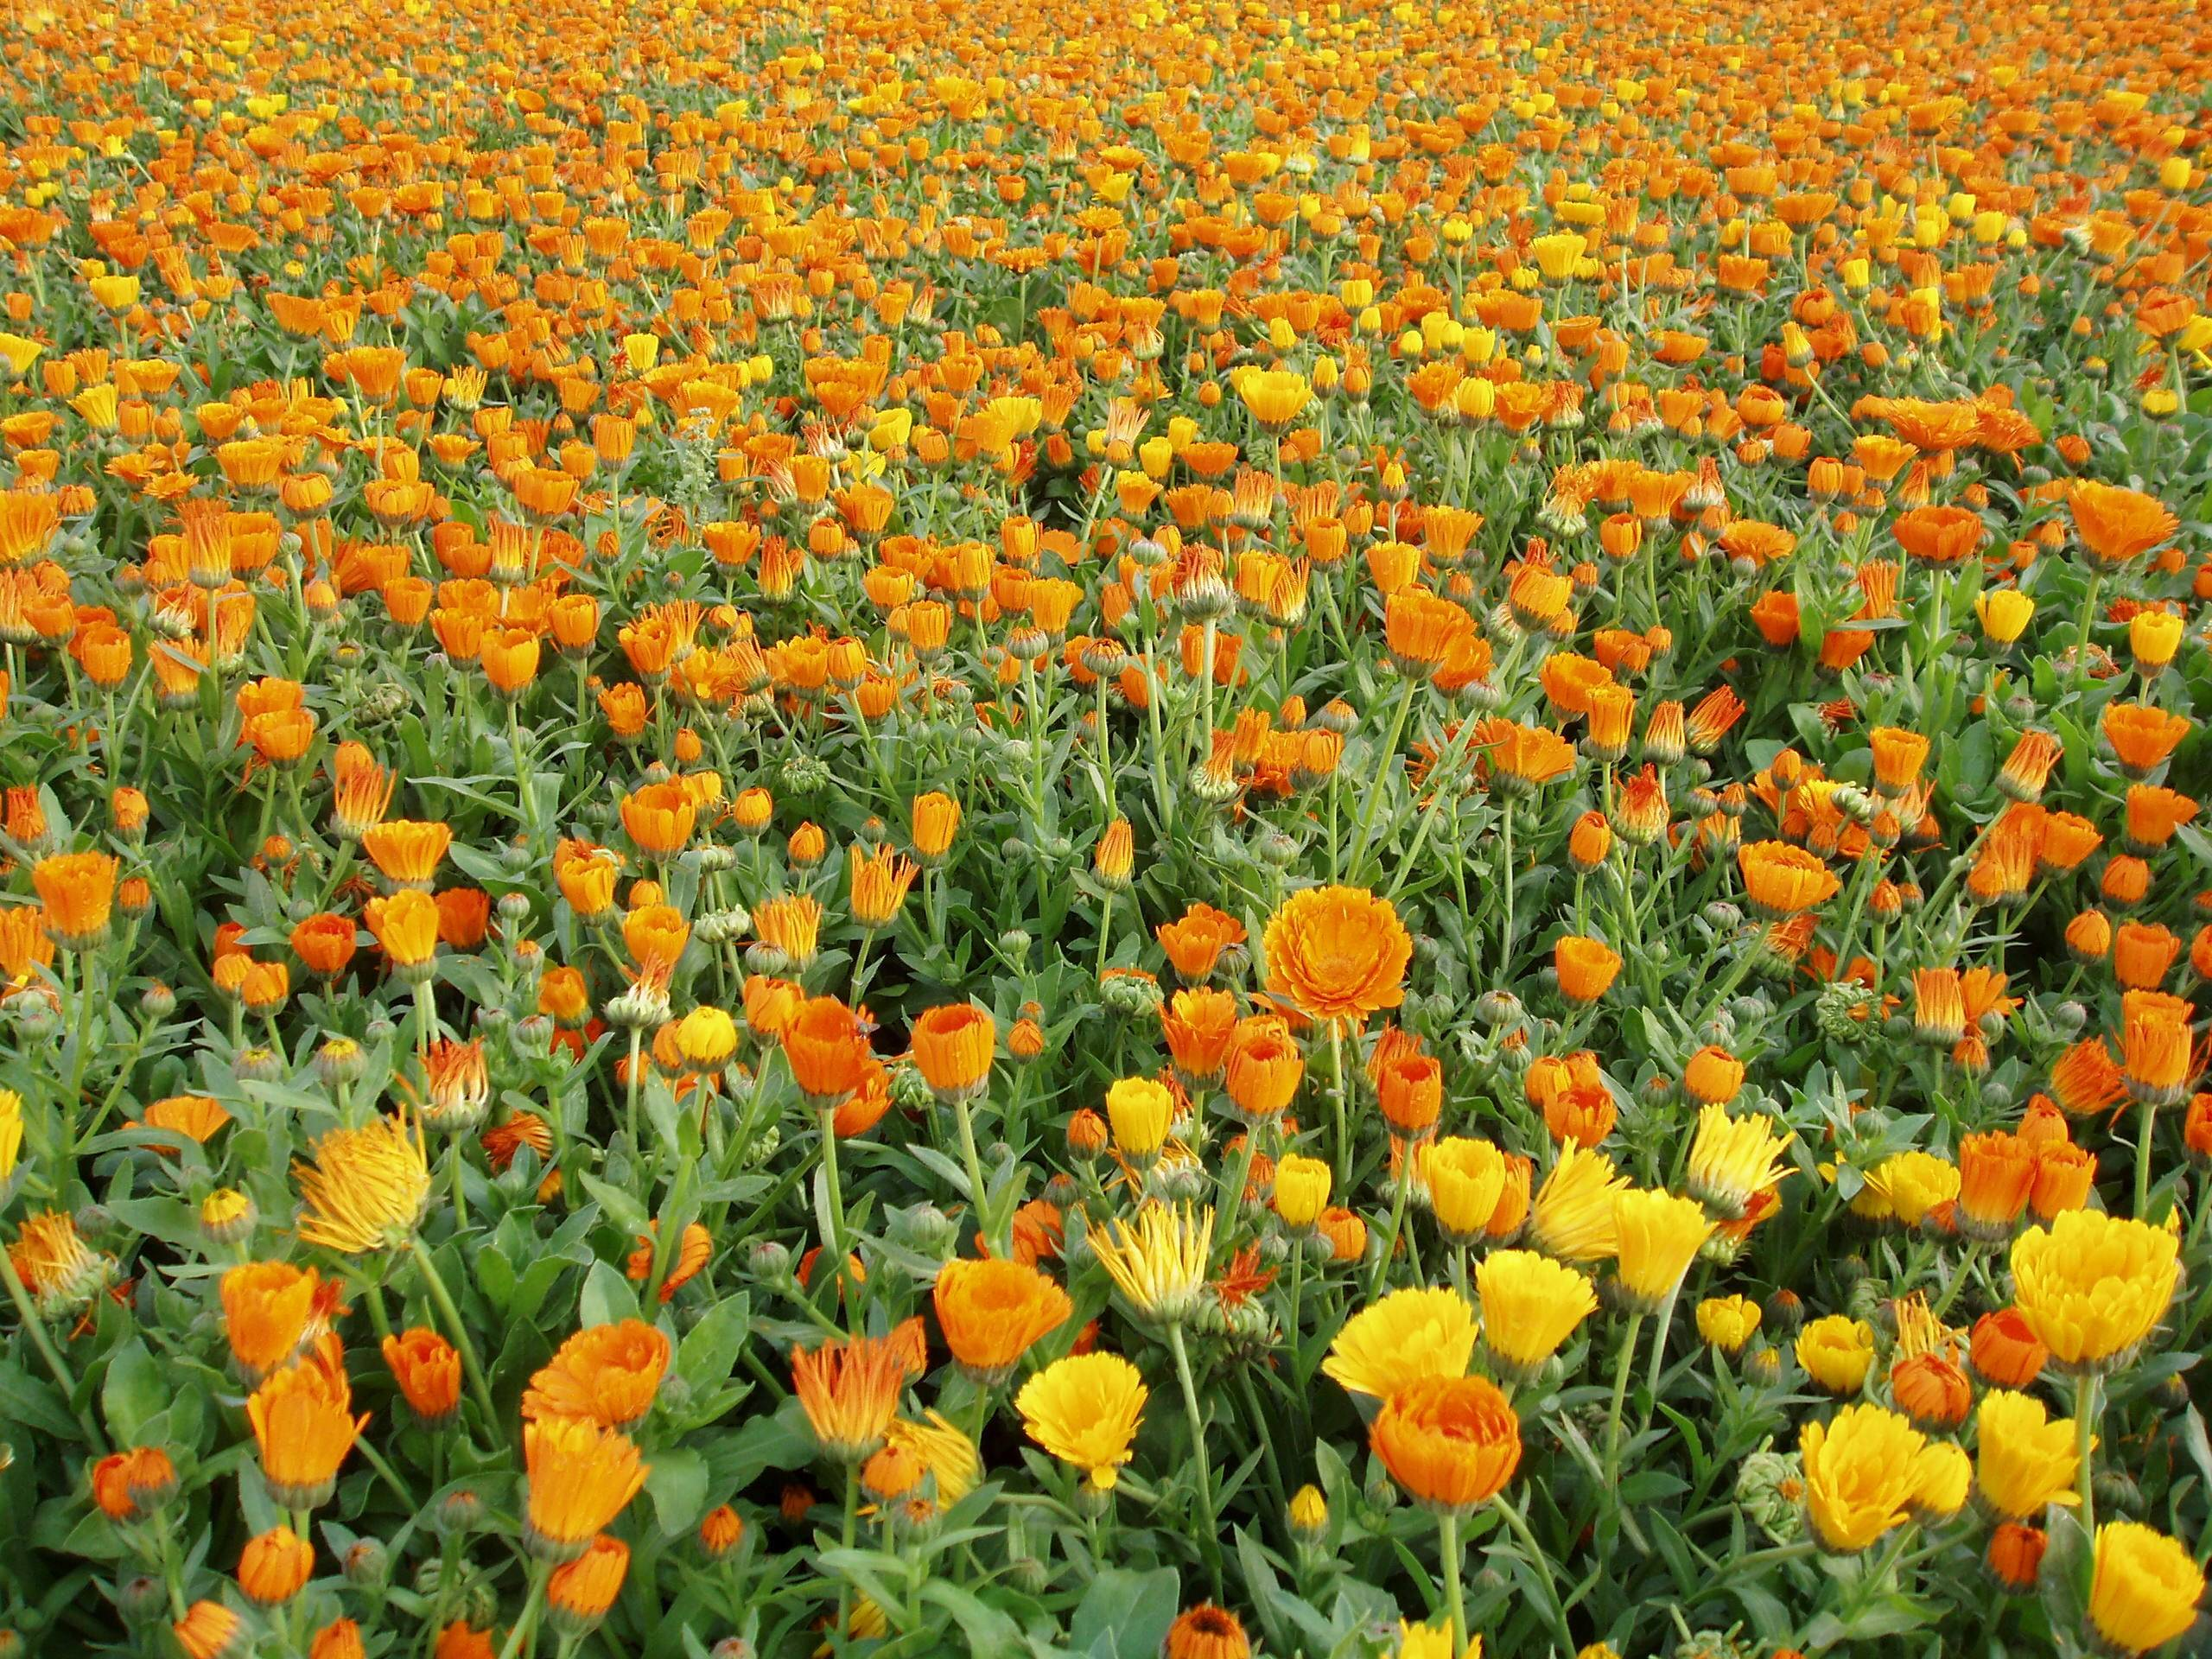 Календула цветок-ноготок — как выглядит и где растет